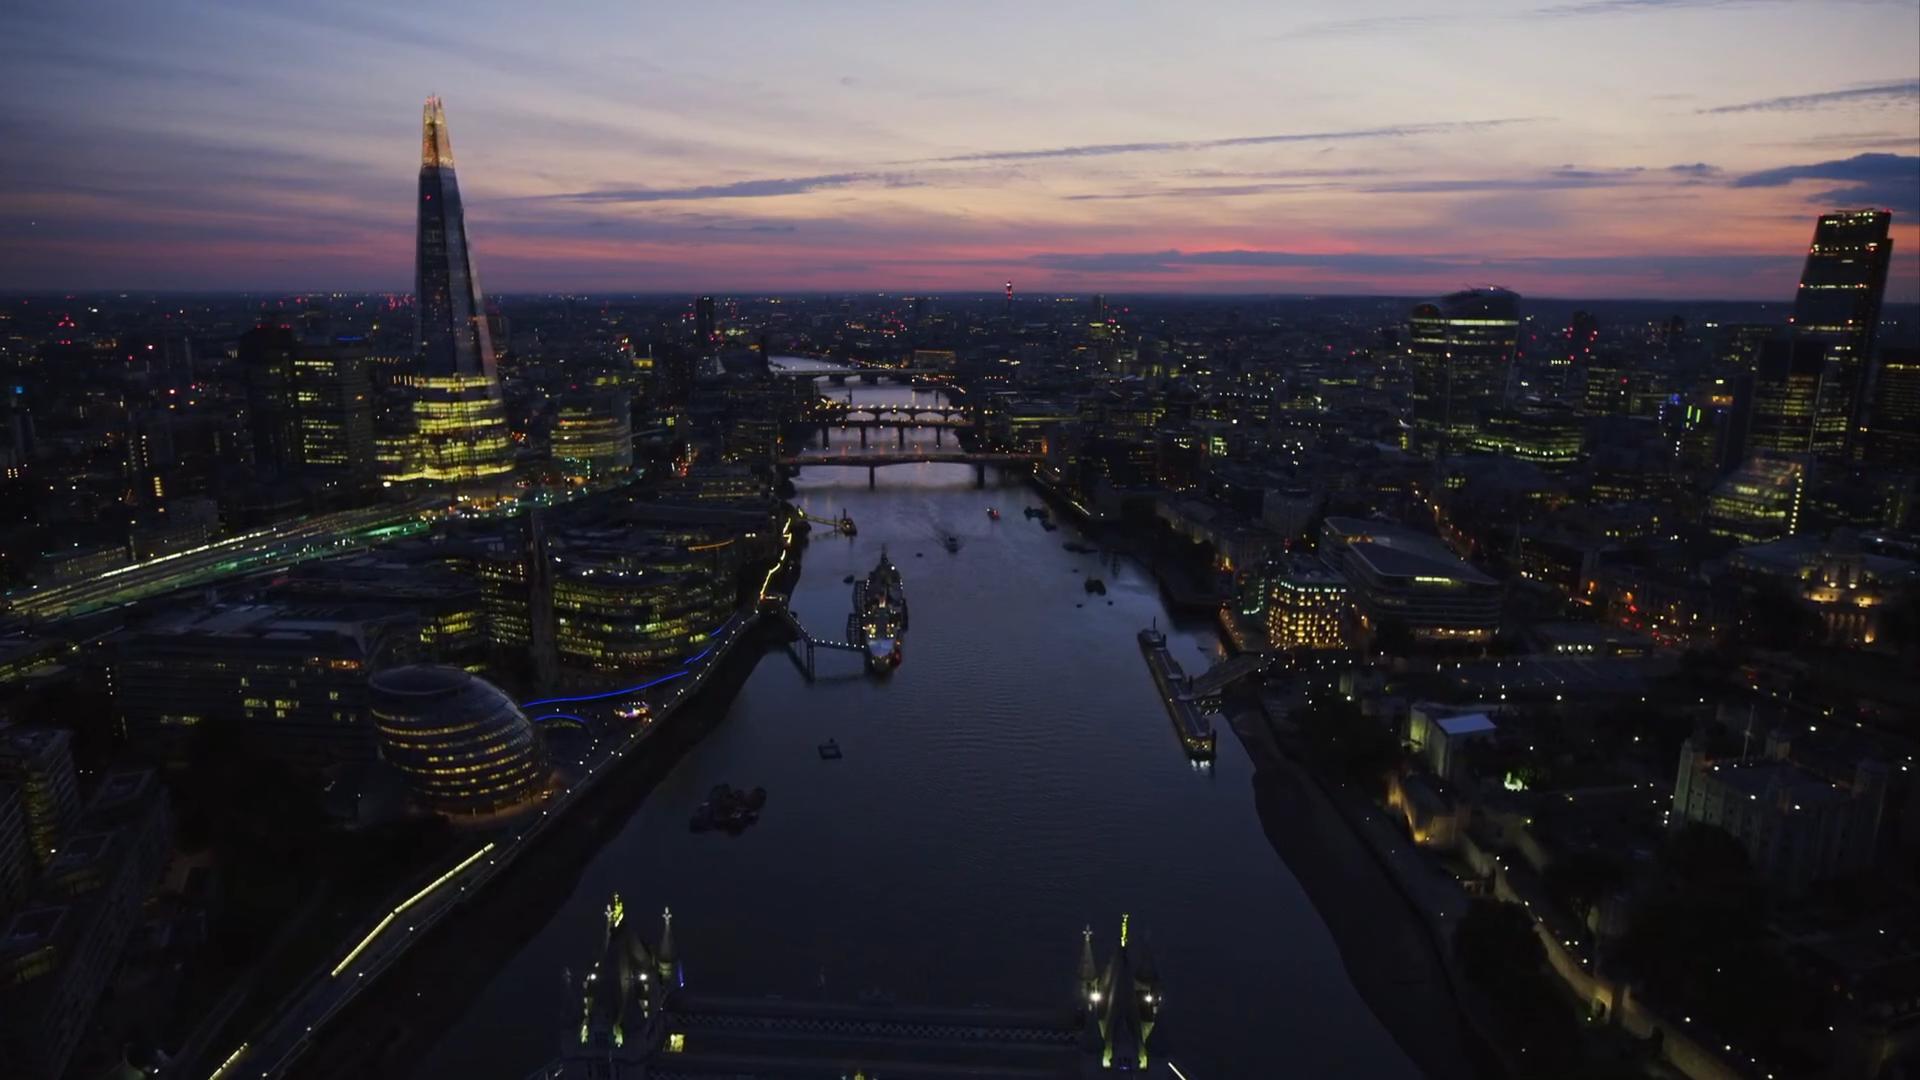 Beautiful Wallpaper Macbook London - apple-aerial-apple-tv-screensaver  Image_18912.png?w\u003d1920